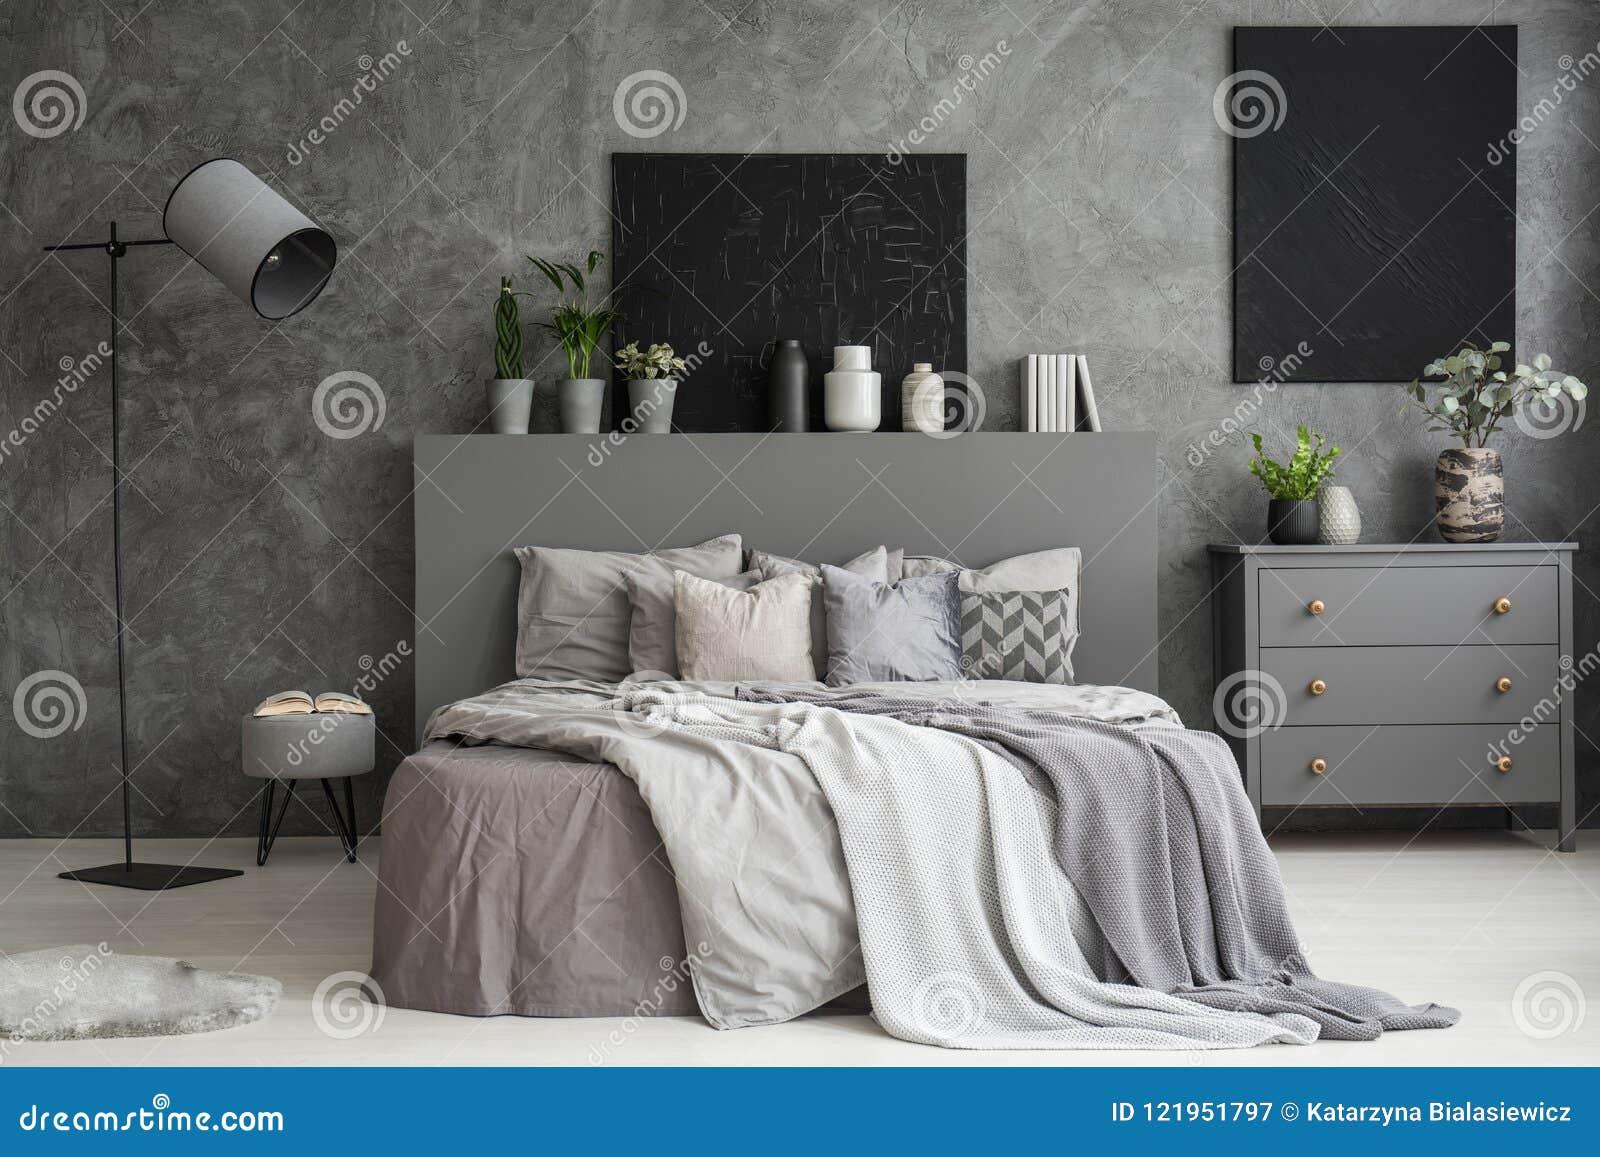 Chambre A Coucher Peinture Gris intérieur de chambre à coucher de gris de cendre avec deux